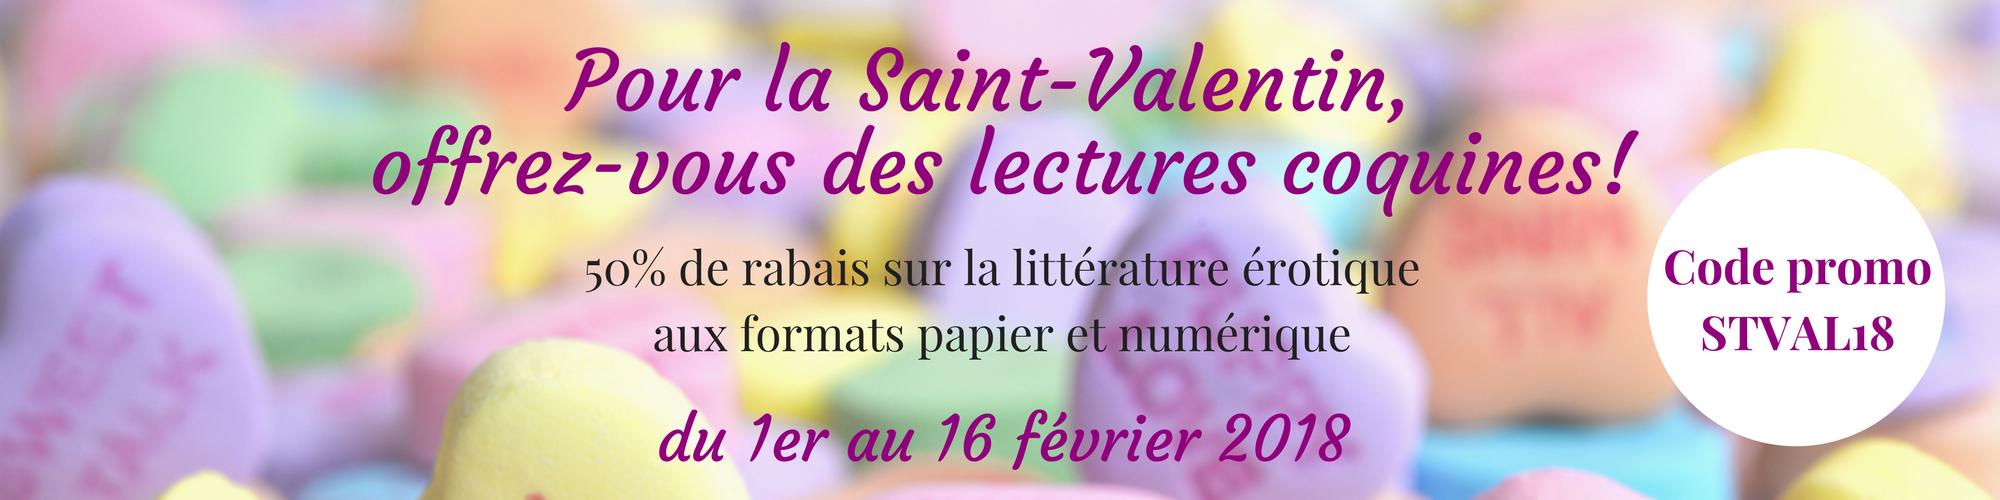 saint-valentin littérature érotique rabais promo